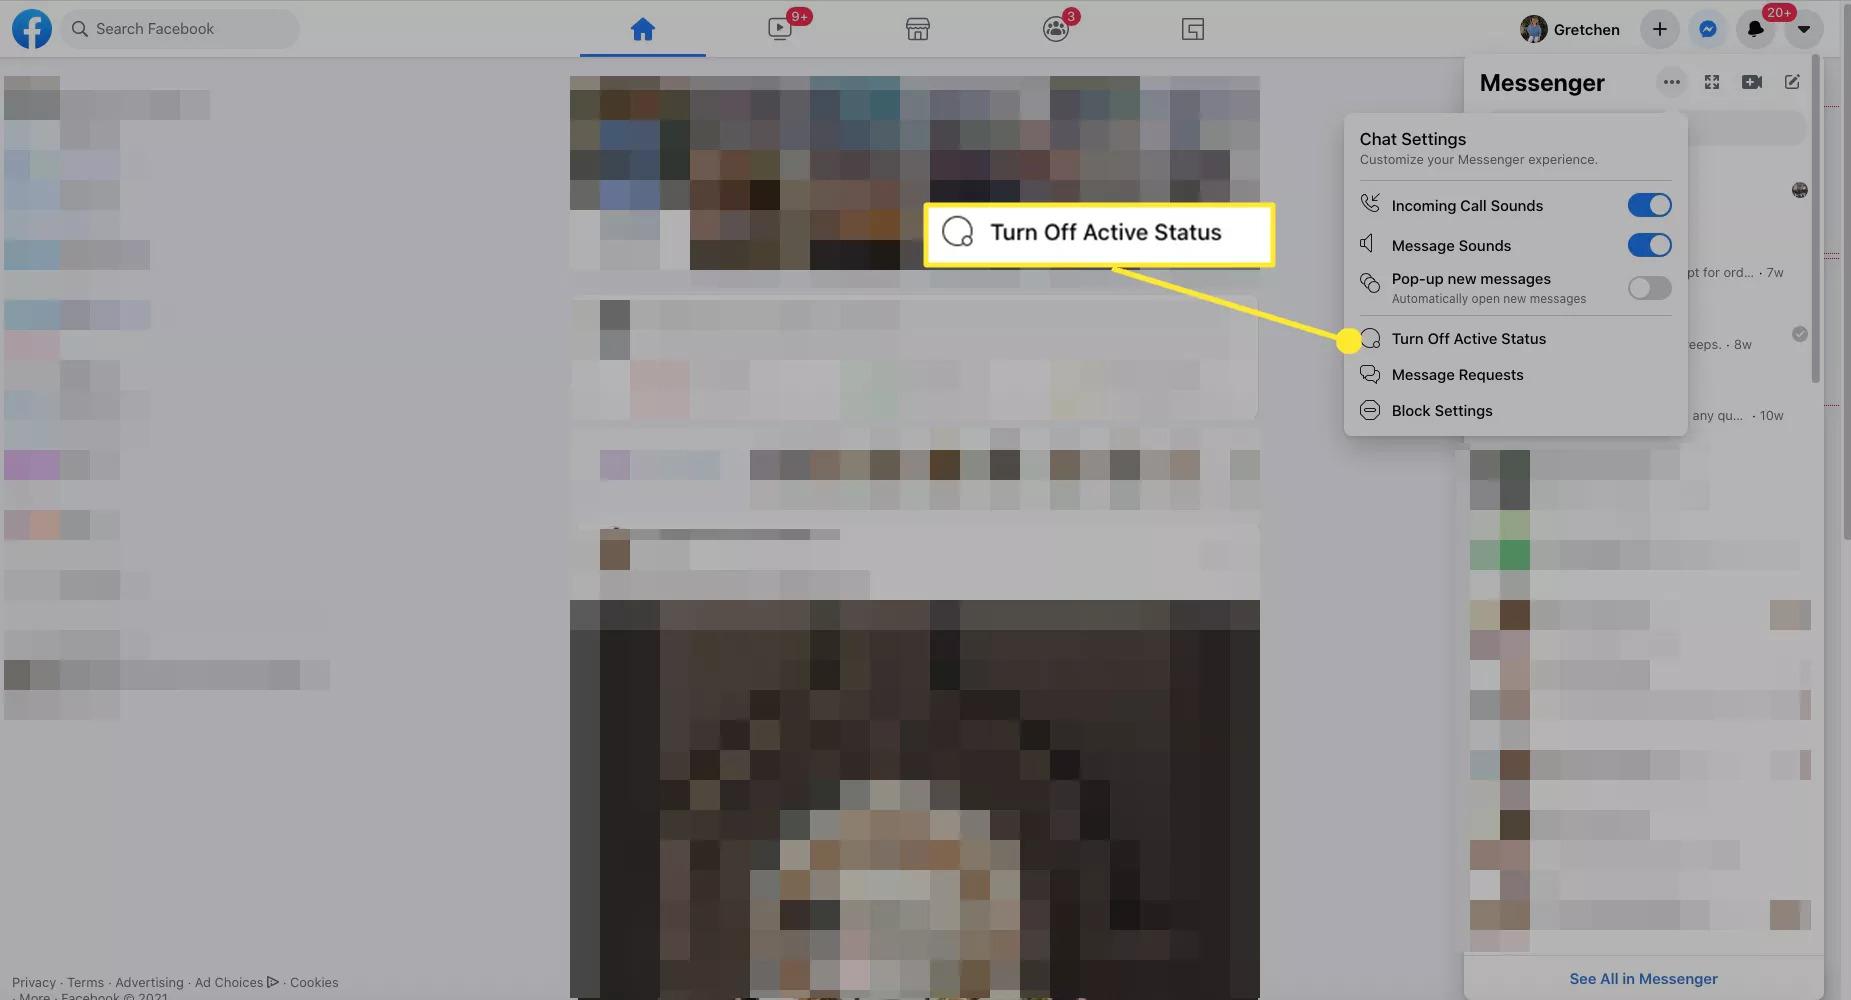 Tắt trạng thái online trên Facebook bằng 3 cách nhanh gọn